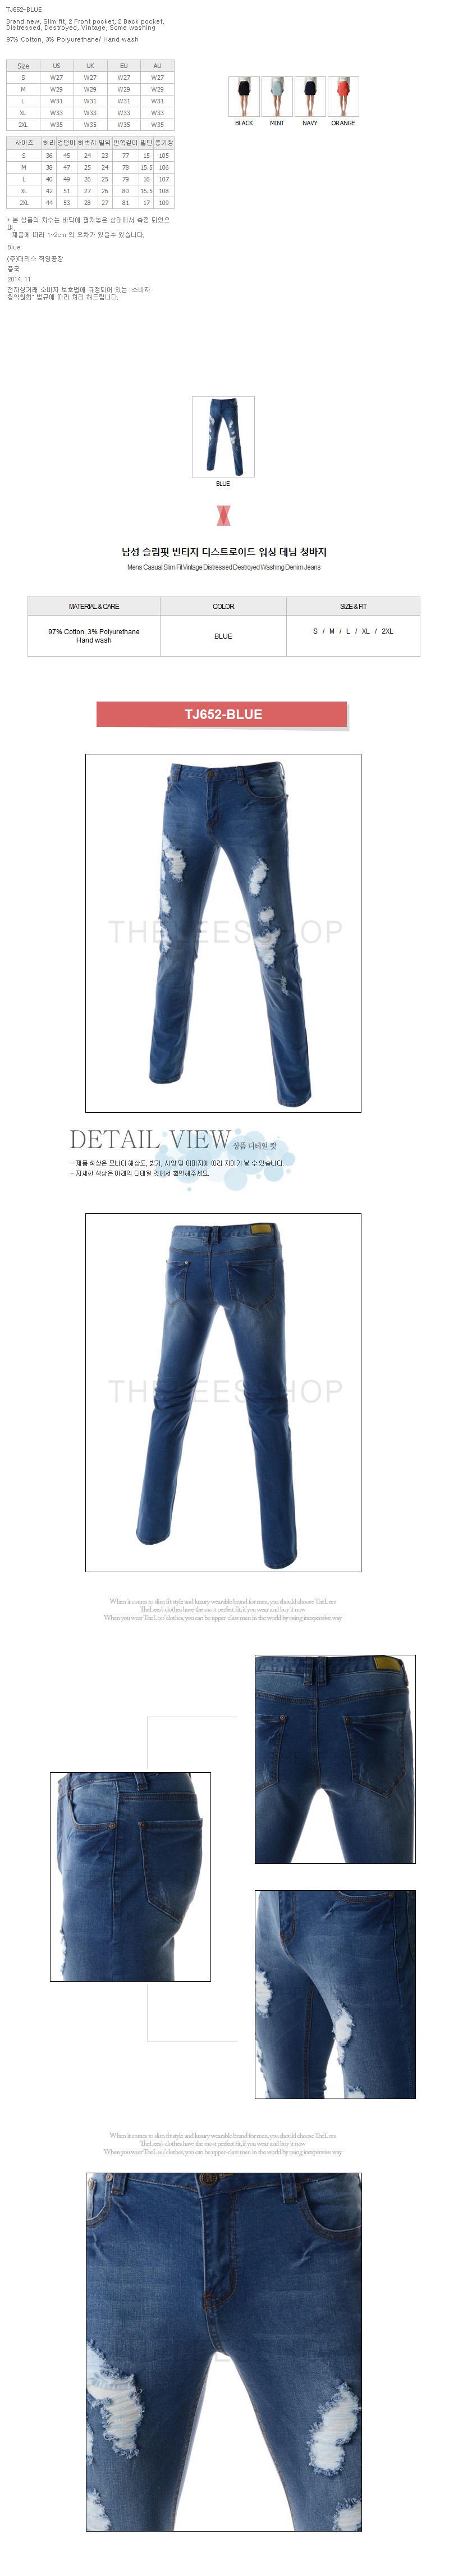 [ KOOLLOOK ] [KoolLook] Vintage Destroyed Washed Denim Jeans TJ652